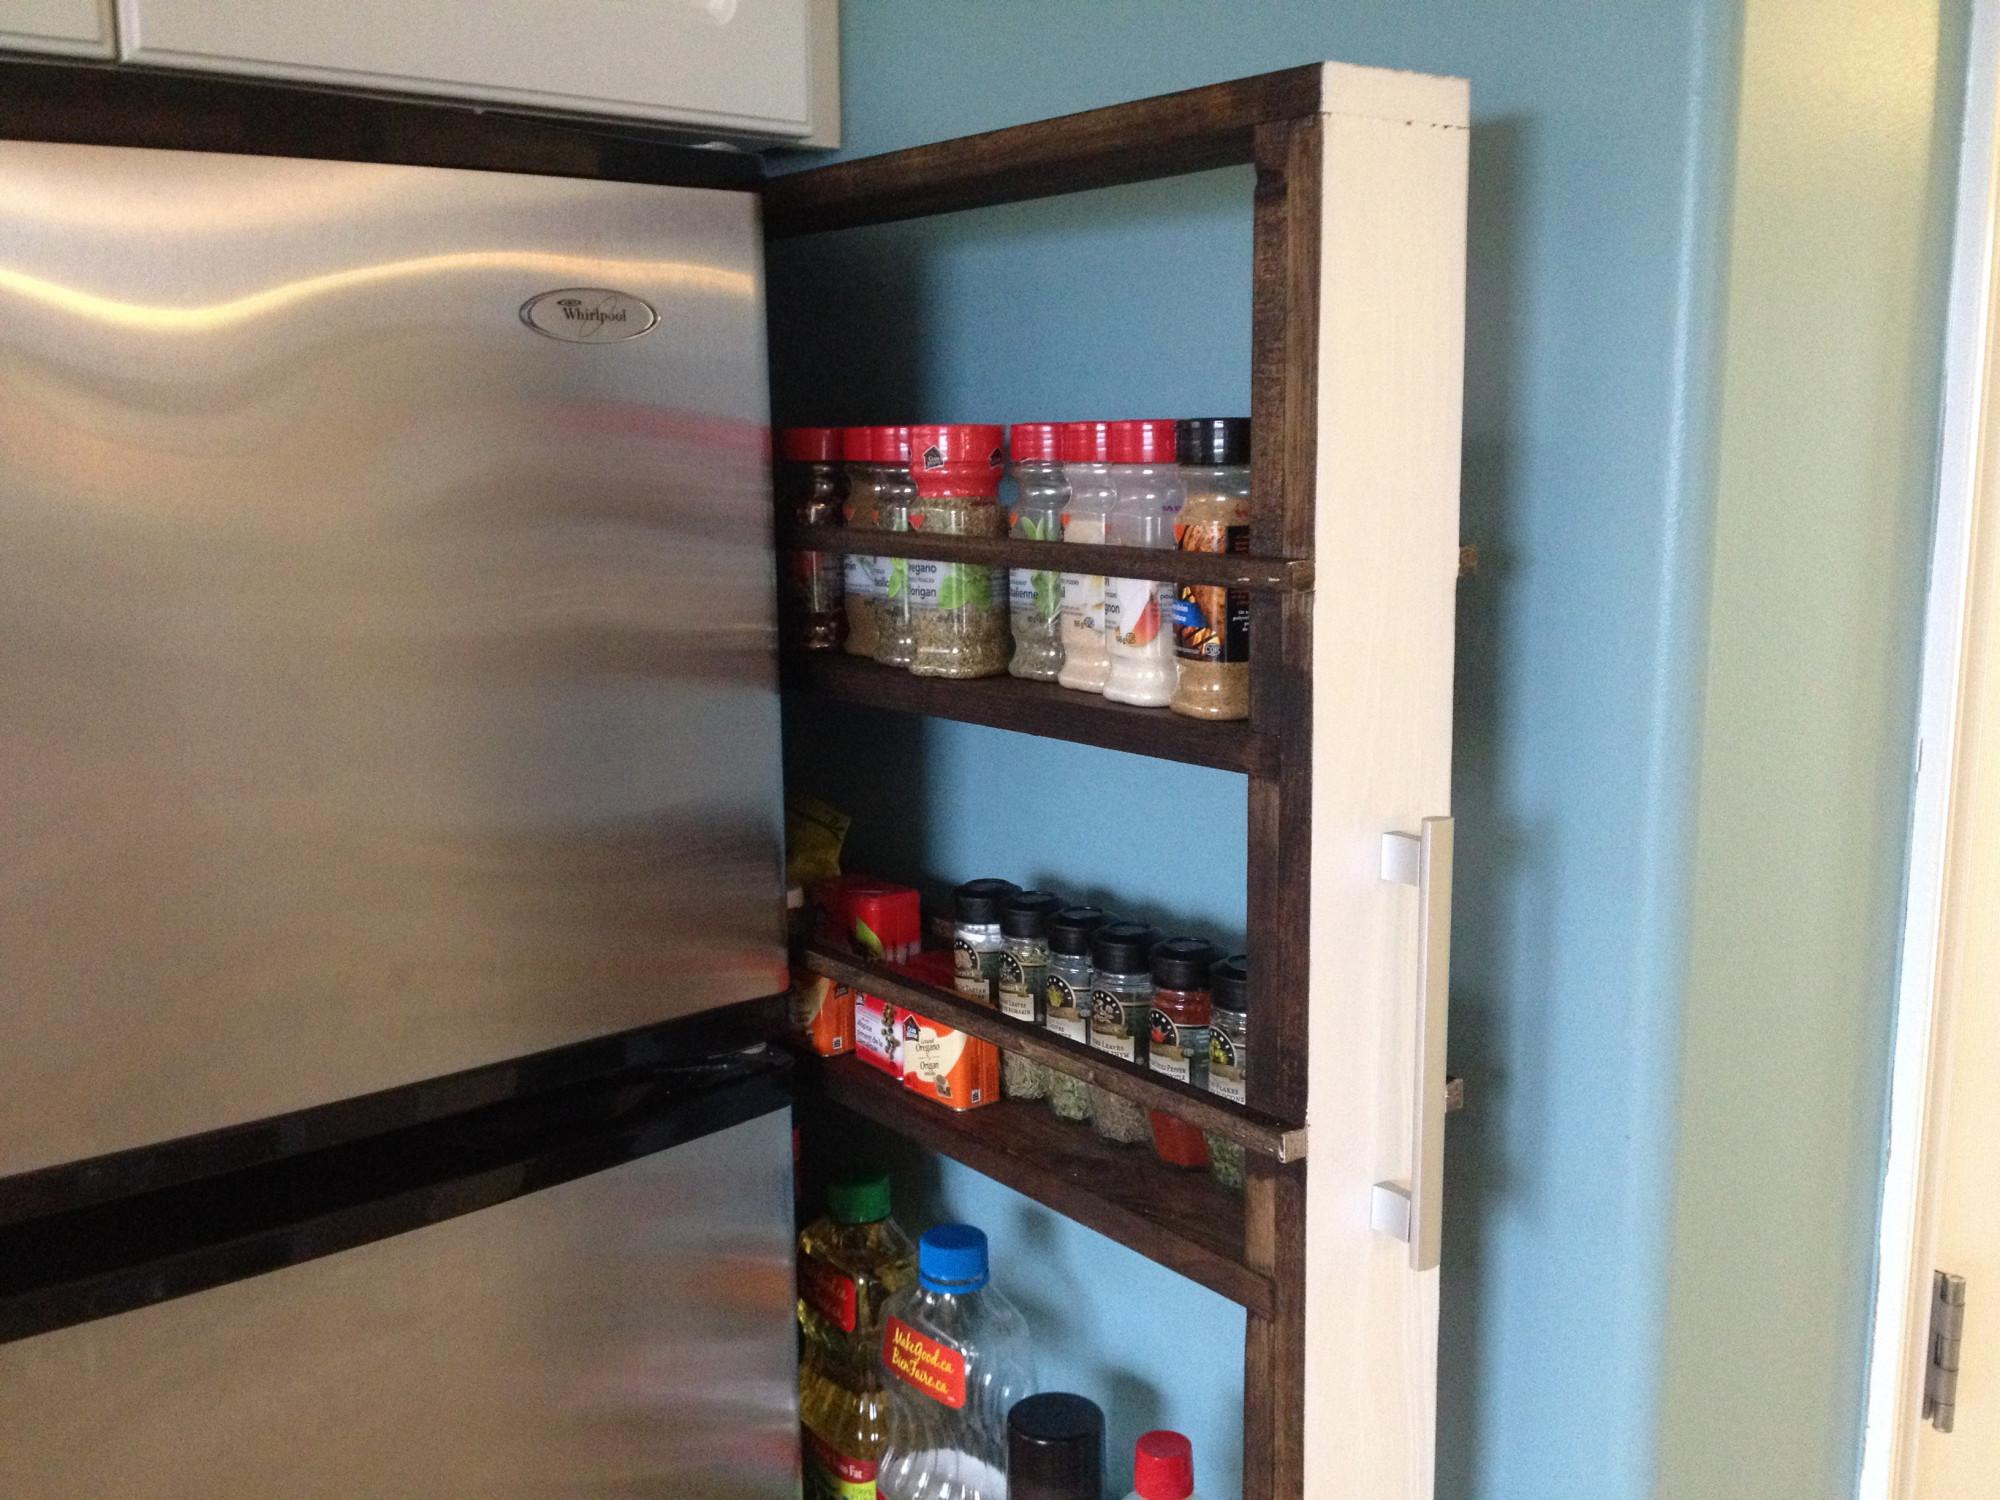 Bạn thậm chí có thể sử dụng không gian phía sau tủ lạnh hoặc bếp nấu nếu bạn đặt một kệ kéo vào đó. Nó không phải là việc đơn giản nhất để làm, nhưng kết quả sẽ được đền đáp trong một thời gian rất dài. Đây là hướng dẫn về cách làm cho nó.